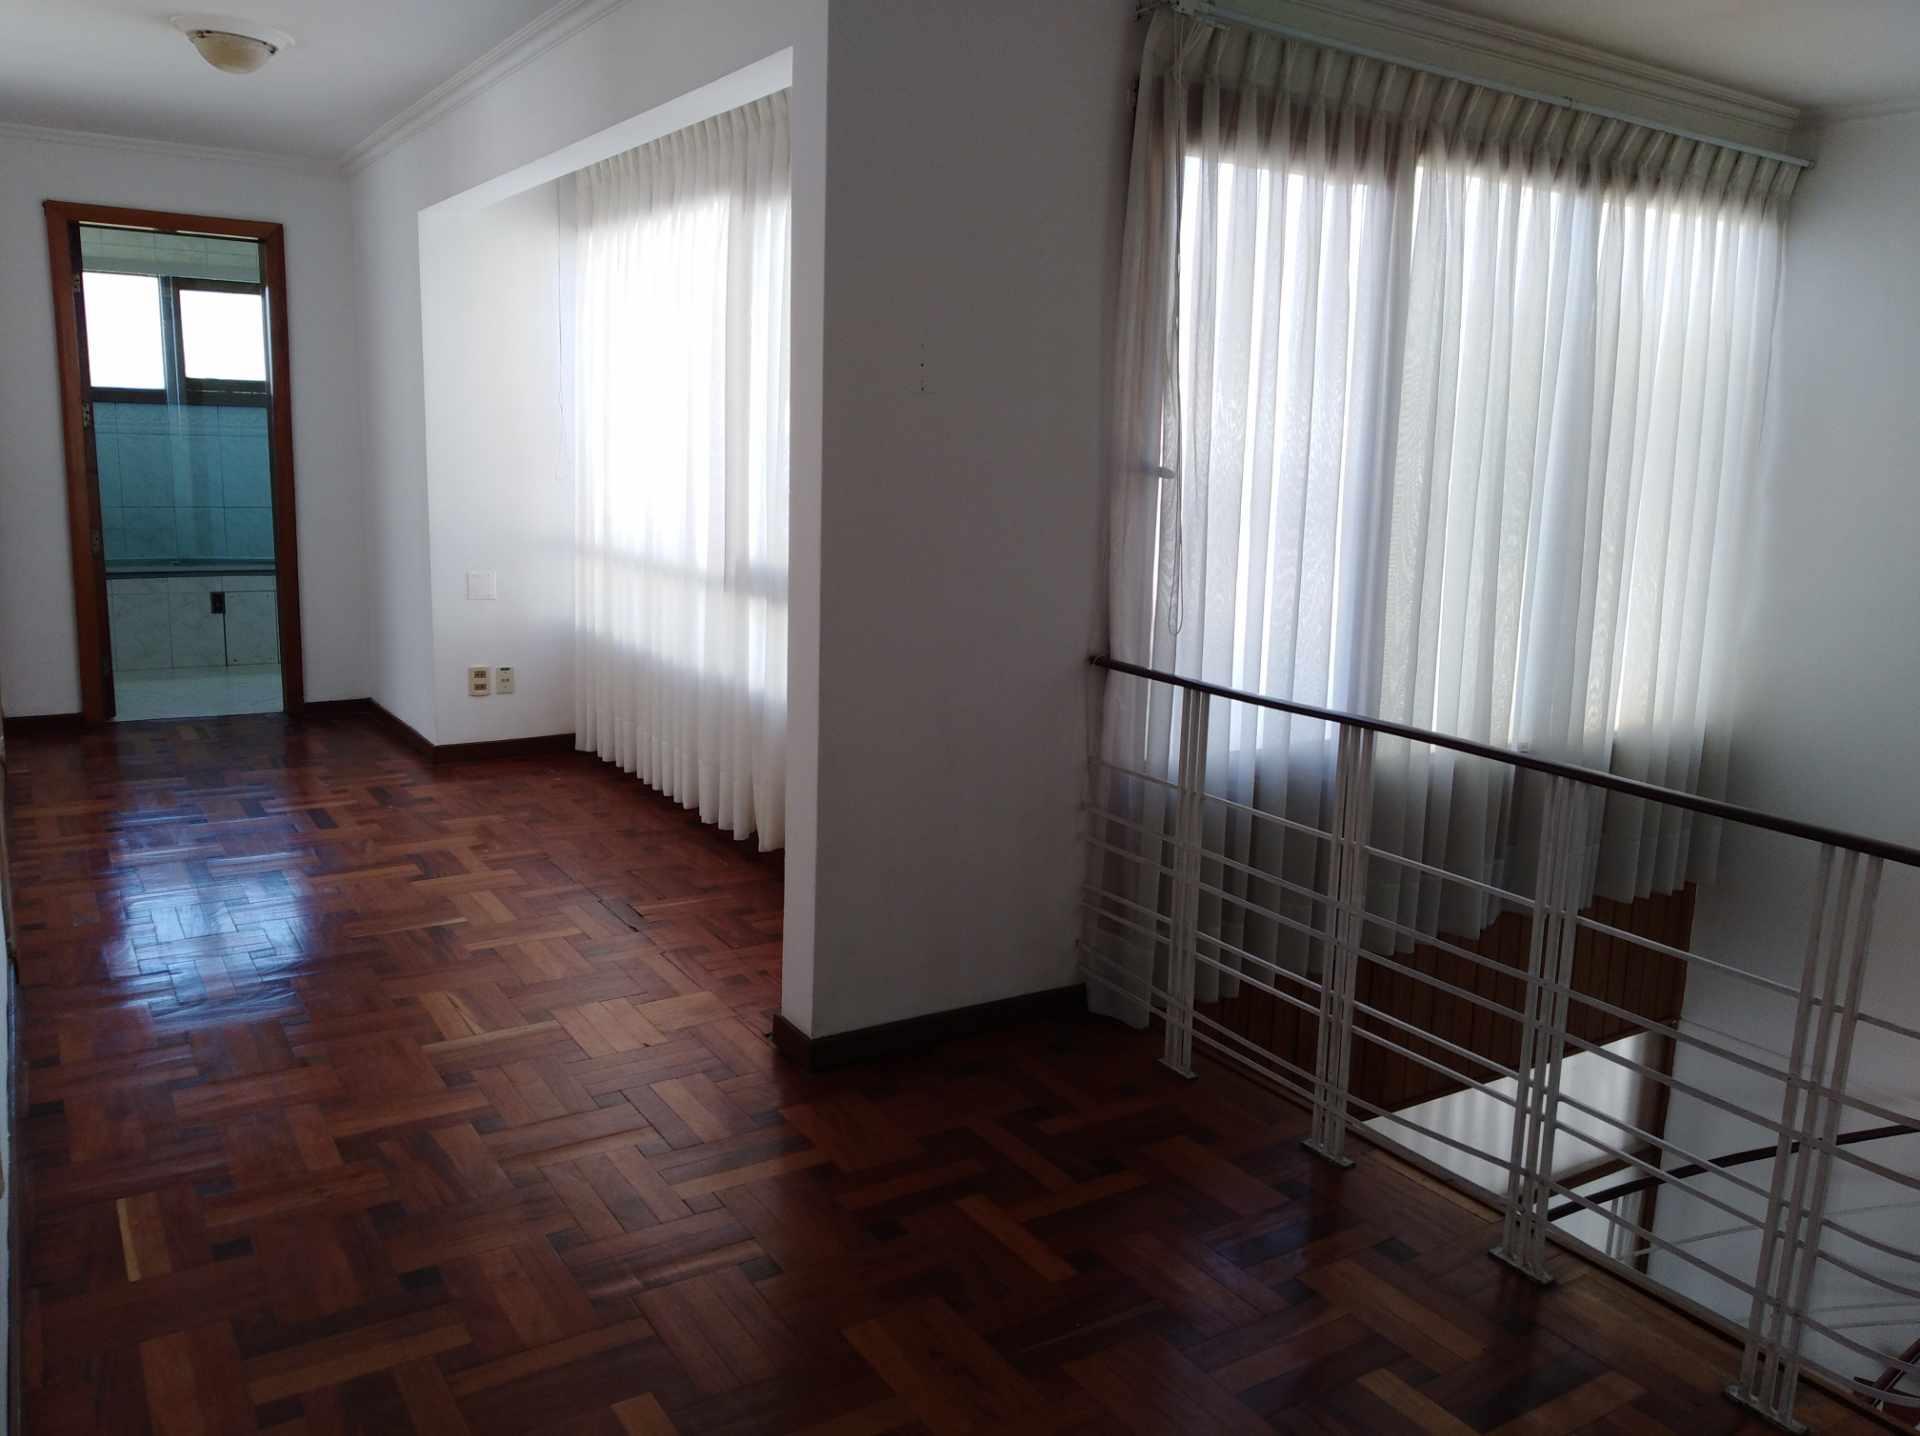 Casa en Alquiler CALACOTO calle 16 a 1/2 cuadra de la Av. Julio C. Patiño.  Foto 48